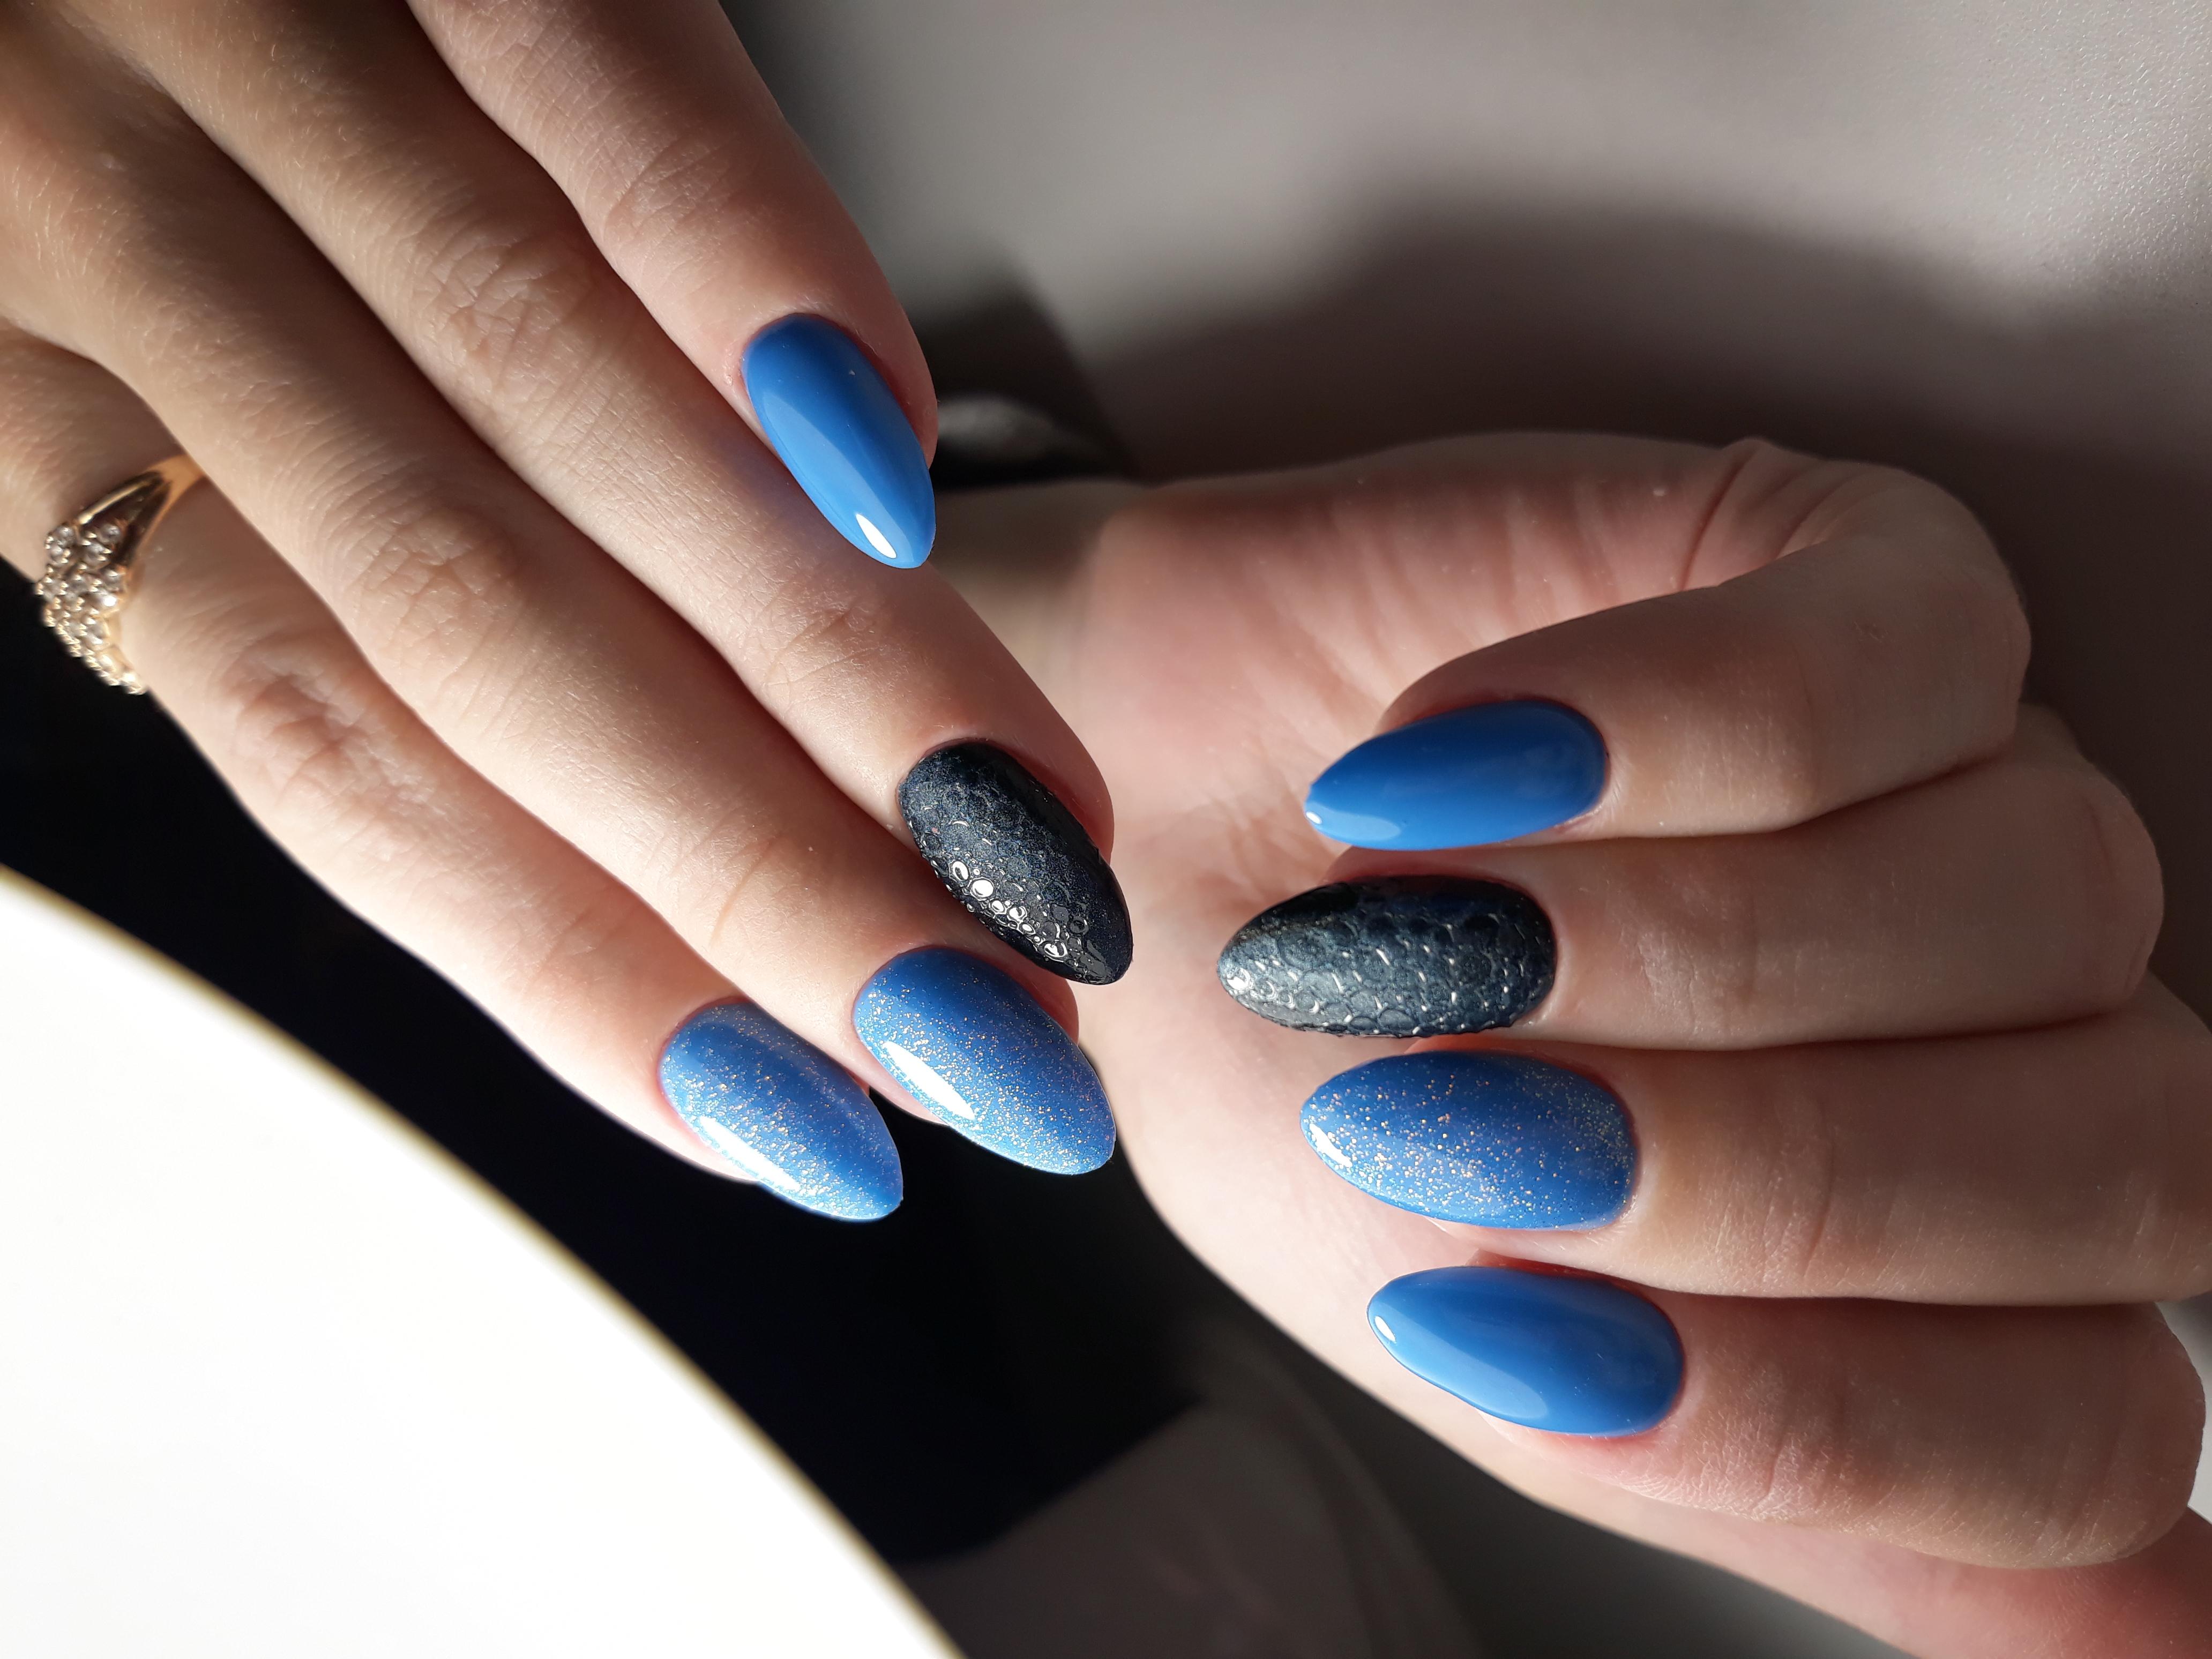 Маникюр в голубом цвете с чёрным дизайном с bubble-эффектом.